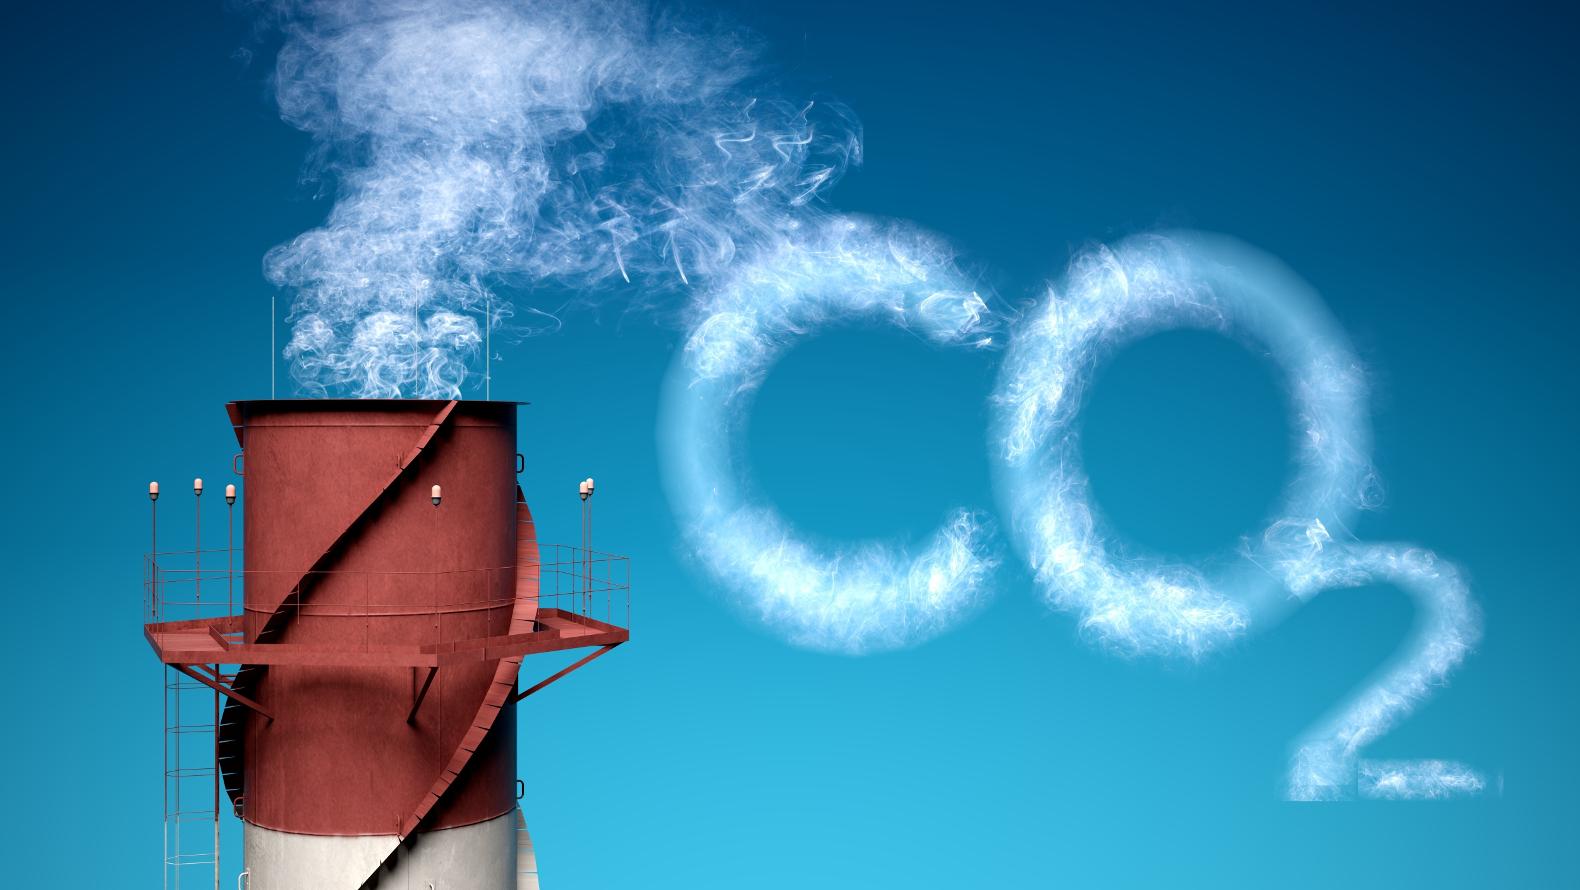 Οι περιοχές με το μεγαλύτερο μερίδιο στην αλλαγή του κλίματος